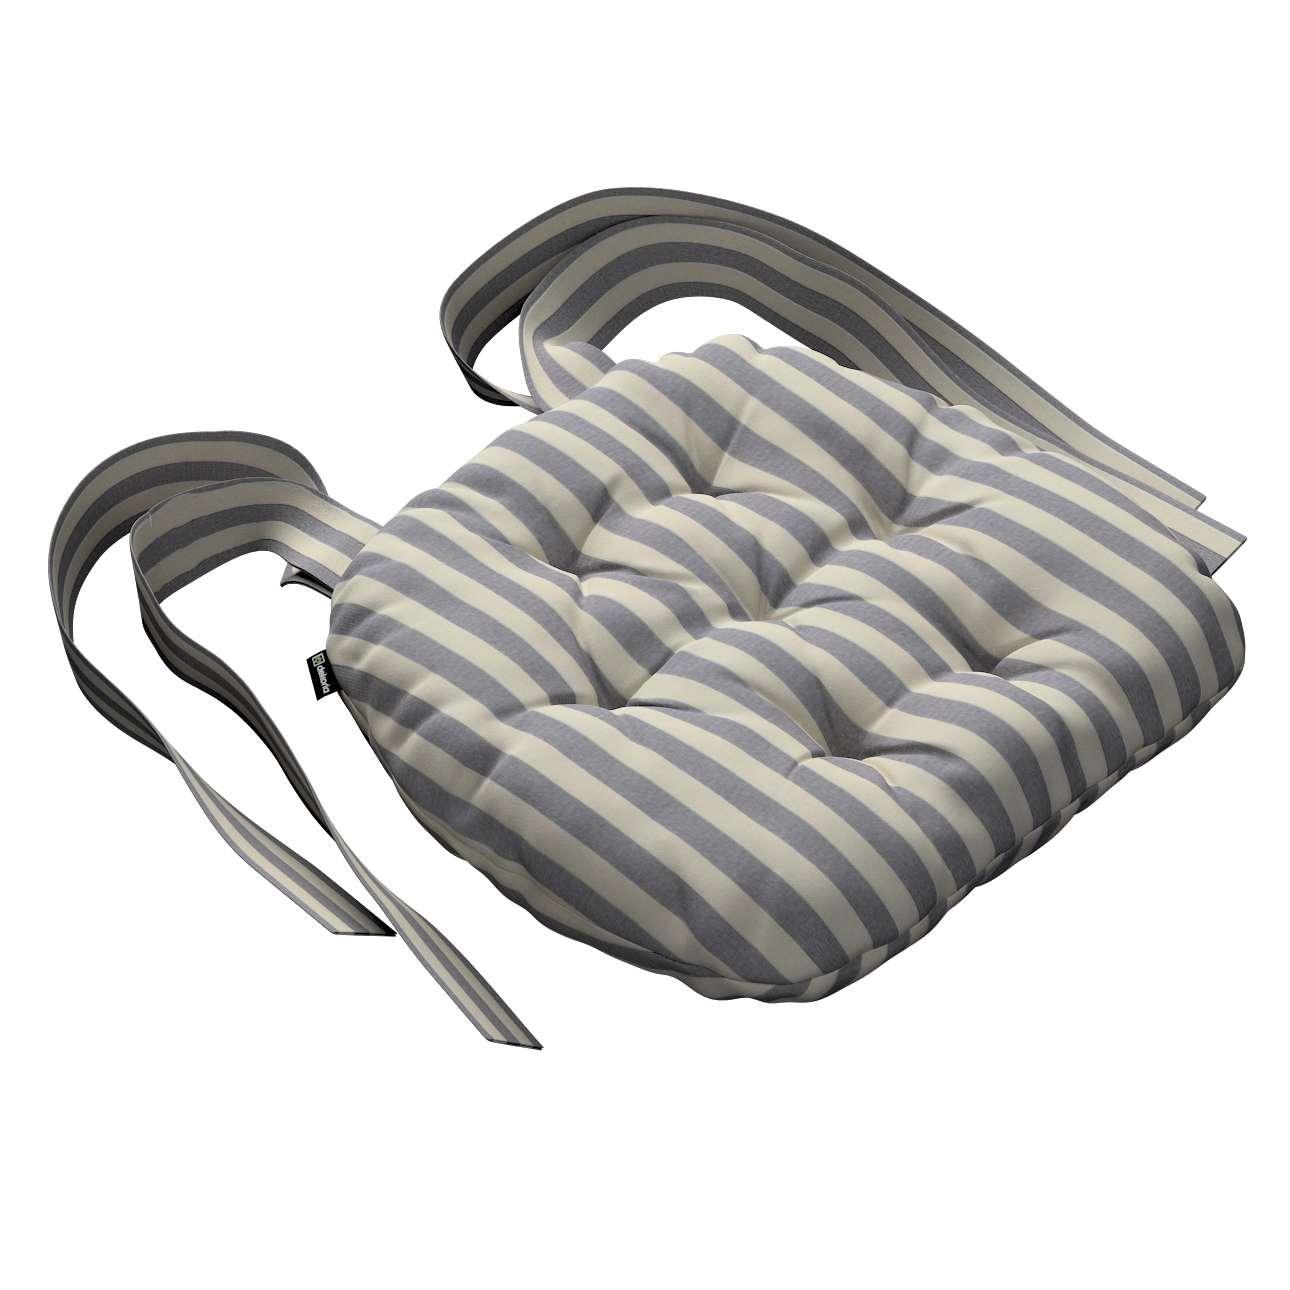 Kėdės pagalvėlė Marcin (apvaliais kraštais) 40 x 37 x 8 cm kolekcijoje Quadro, audinys: 136-02